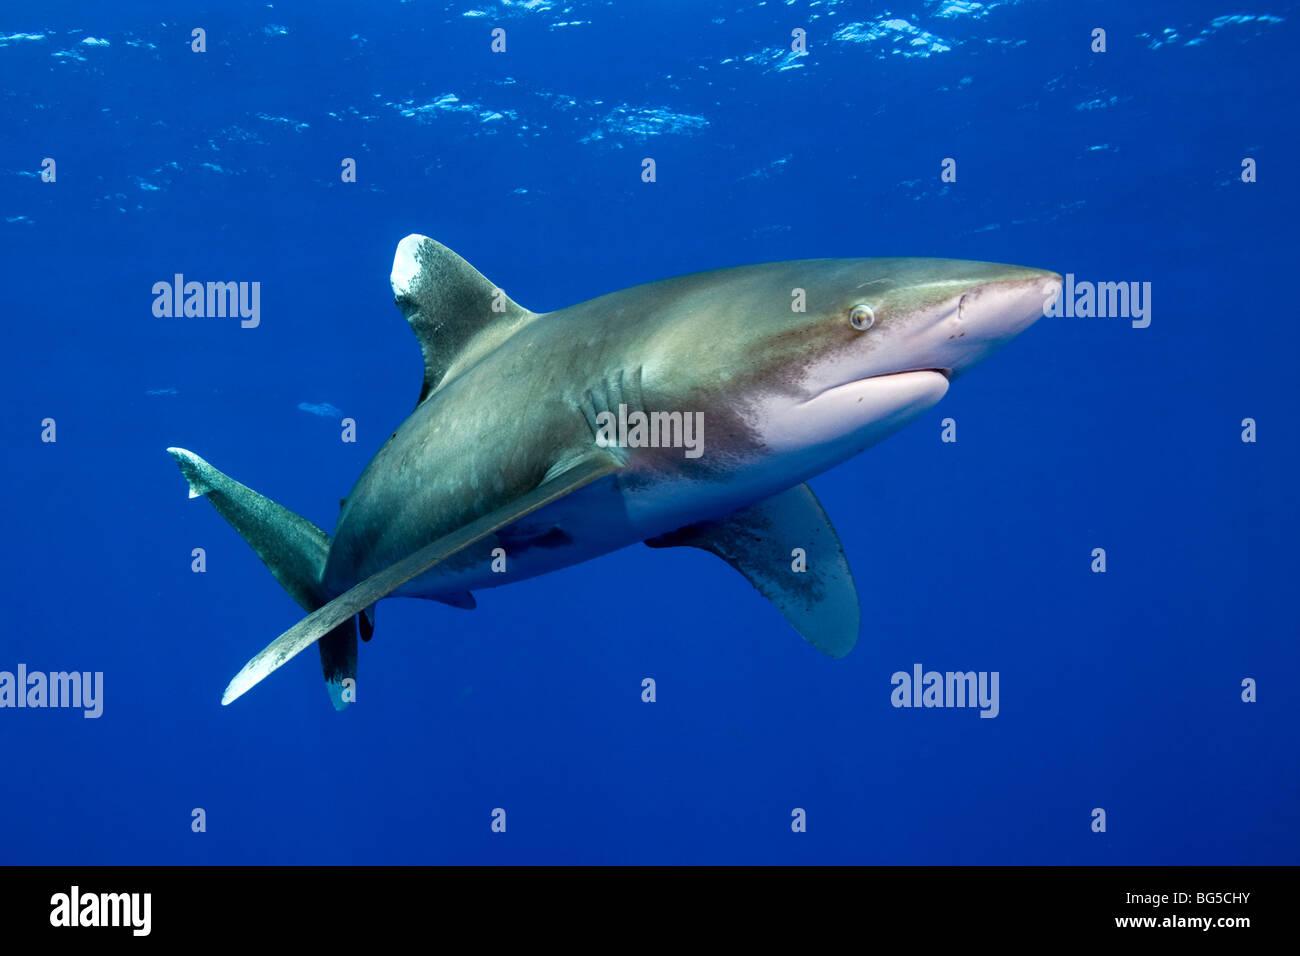 Oceanic white tip shark in Mar Rosso, Egitto, subacquea, predator, incredibili, blu acqua e vita marina, acqua azzurra, Immagini Stock